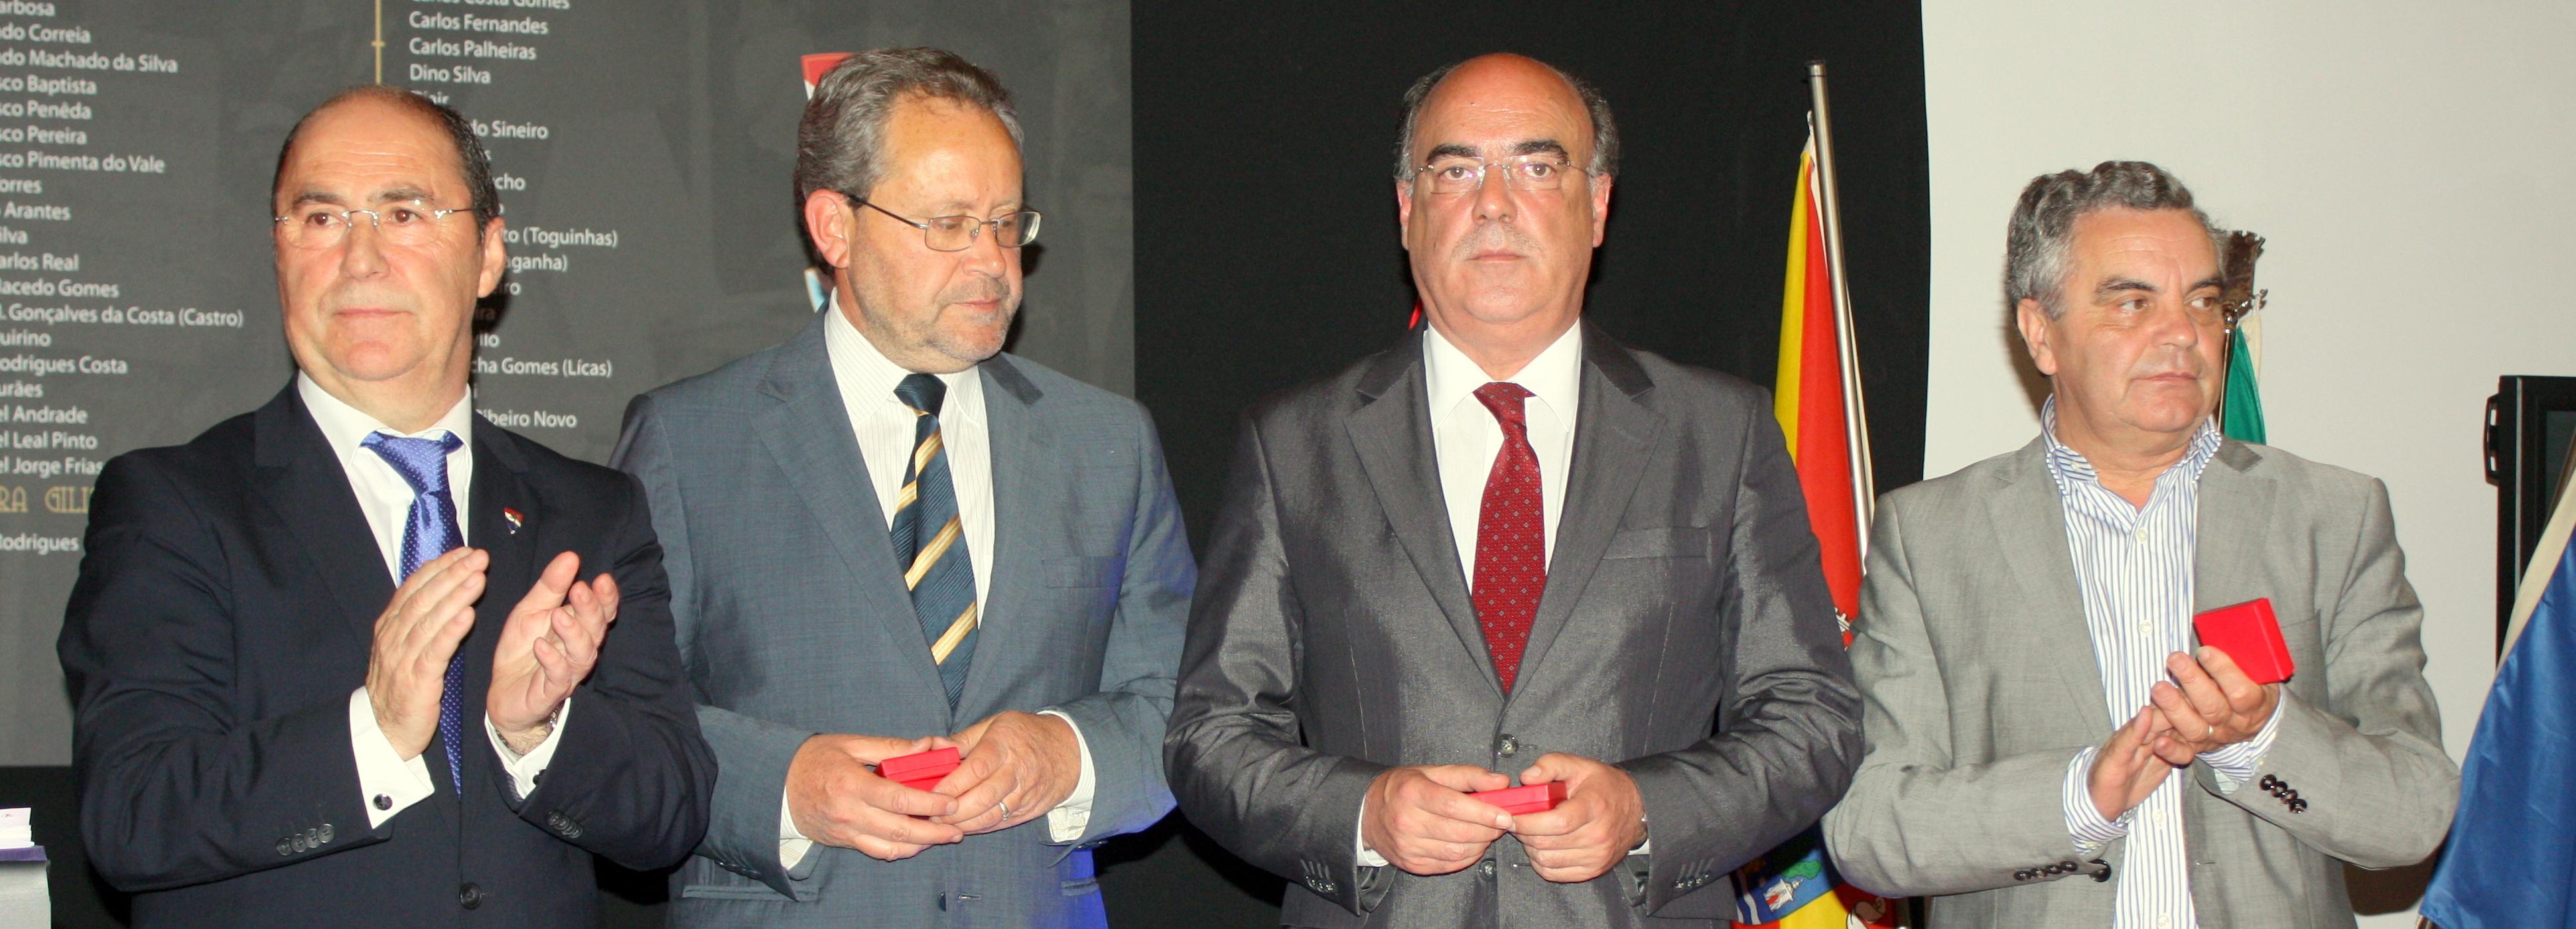 Presidente da Câmara na gala de comemoração do 89º aniversário do Gil Vicente FC